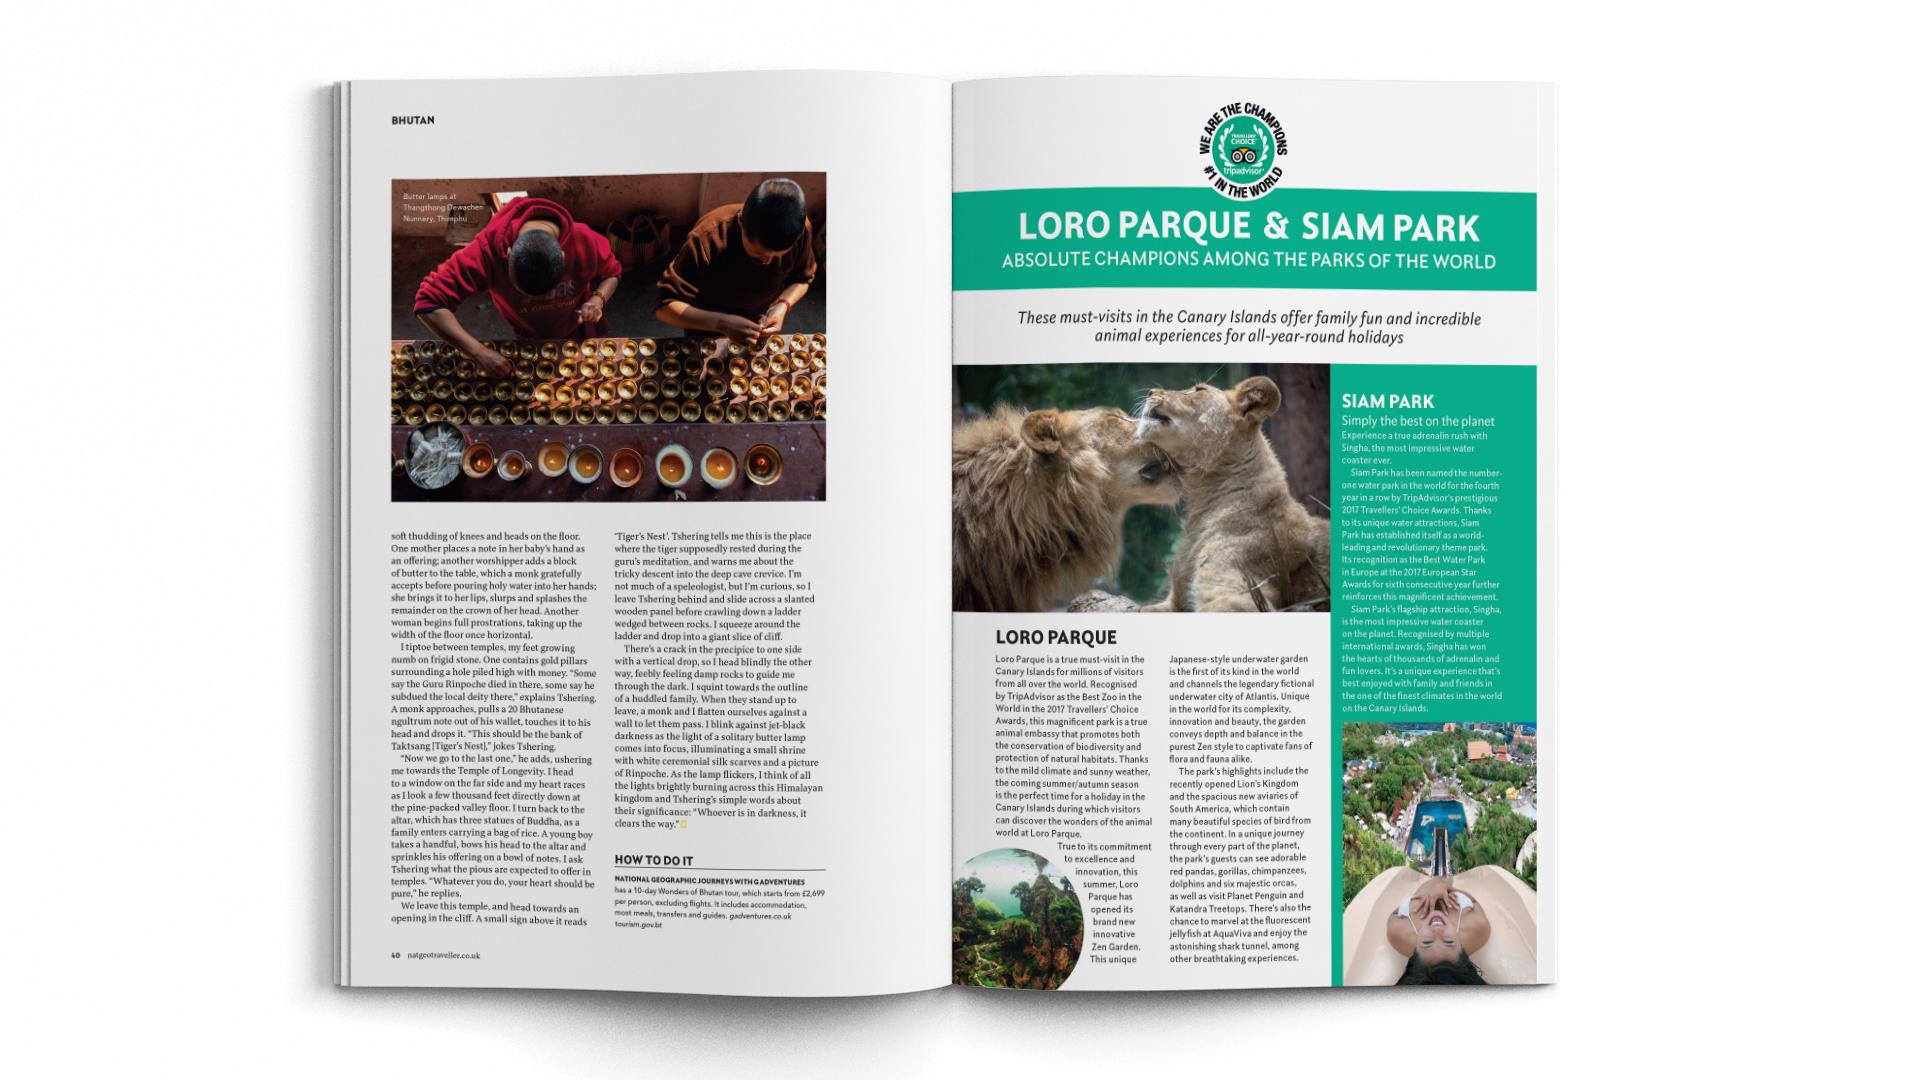 A4-Magazine-DPS-NGT-TRIPS-Bhutan-3